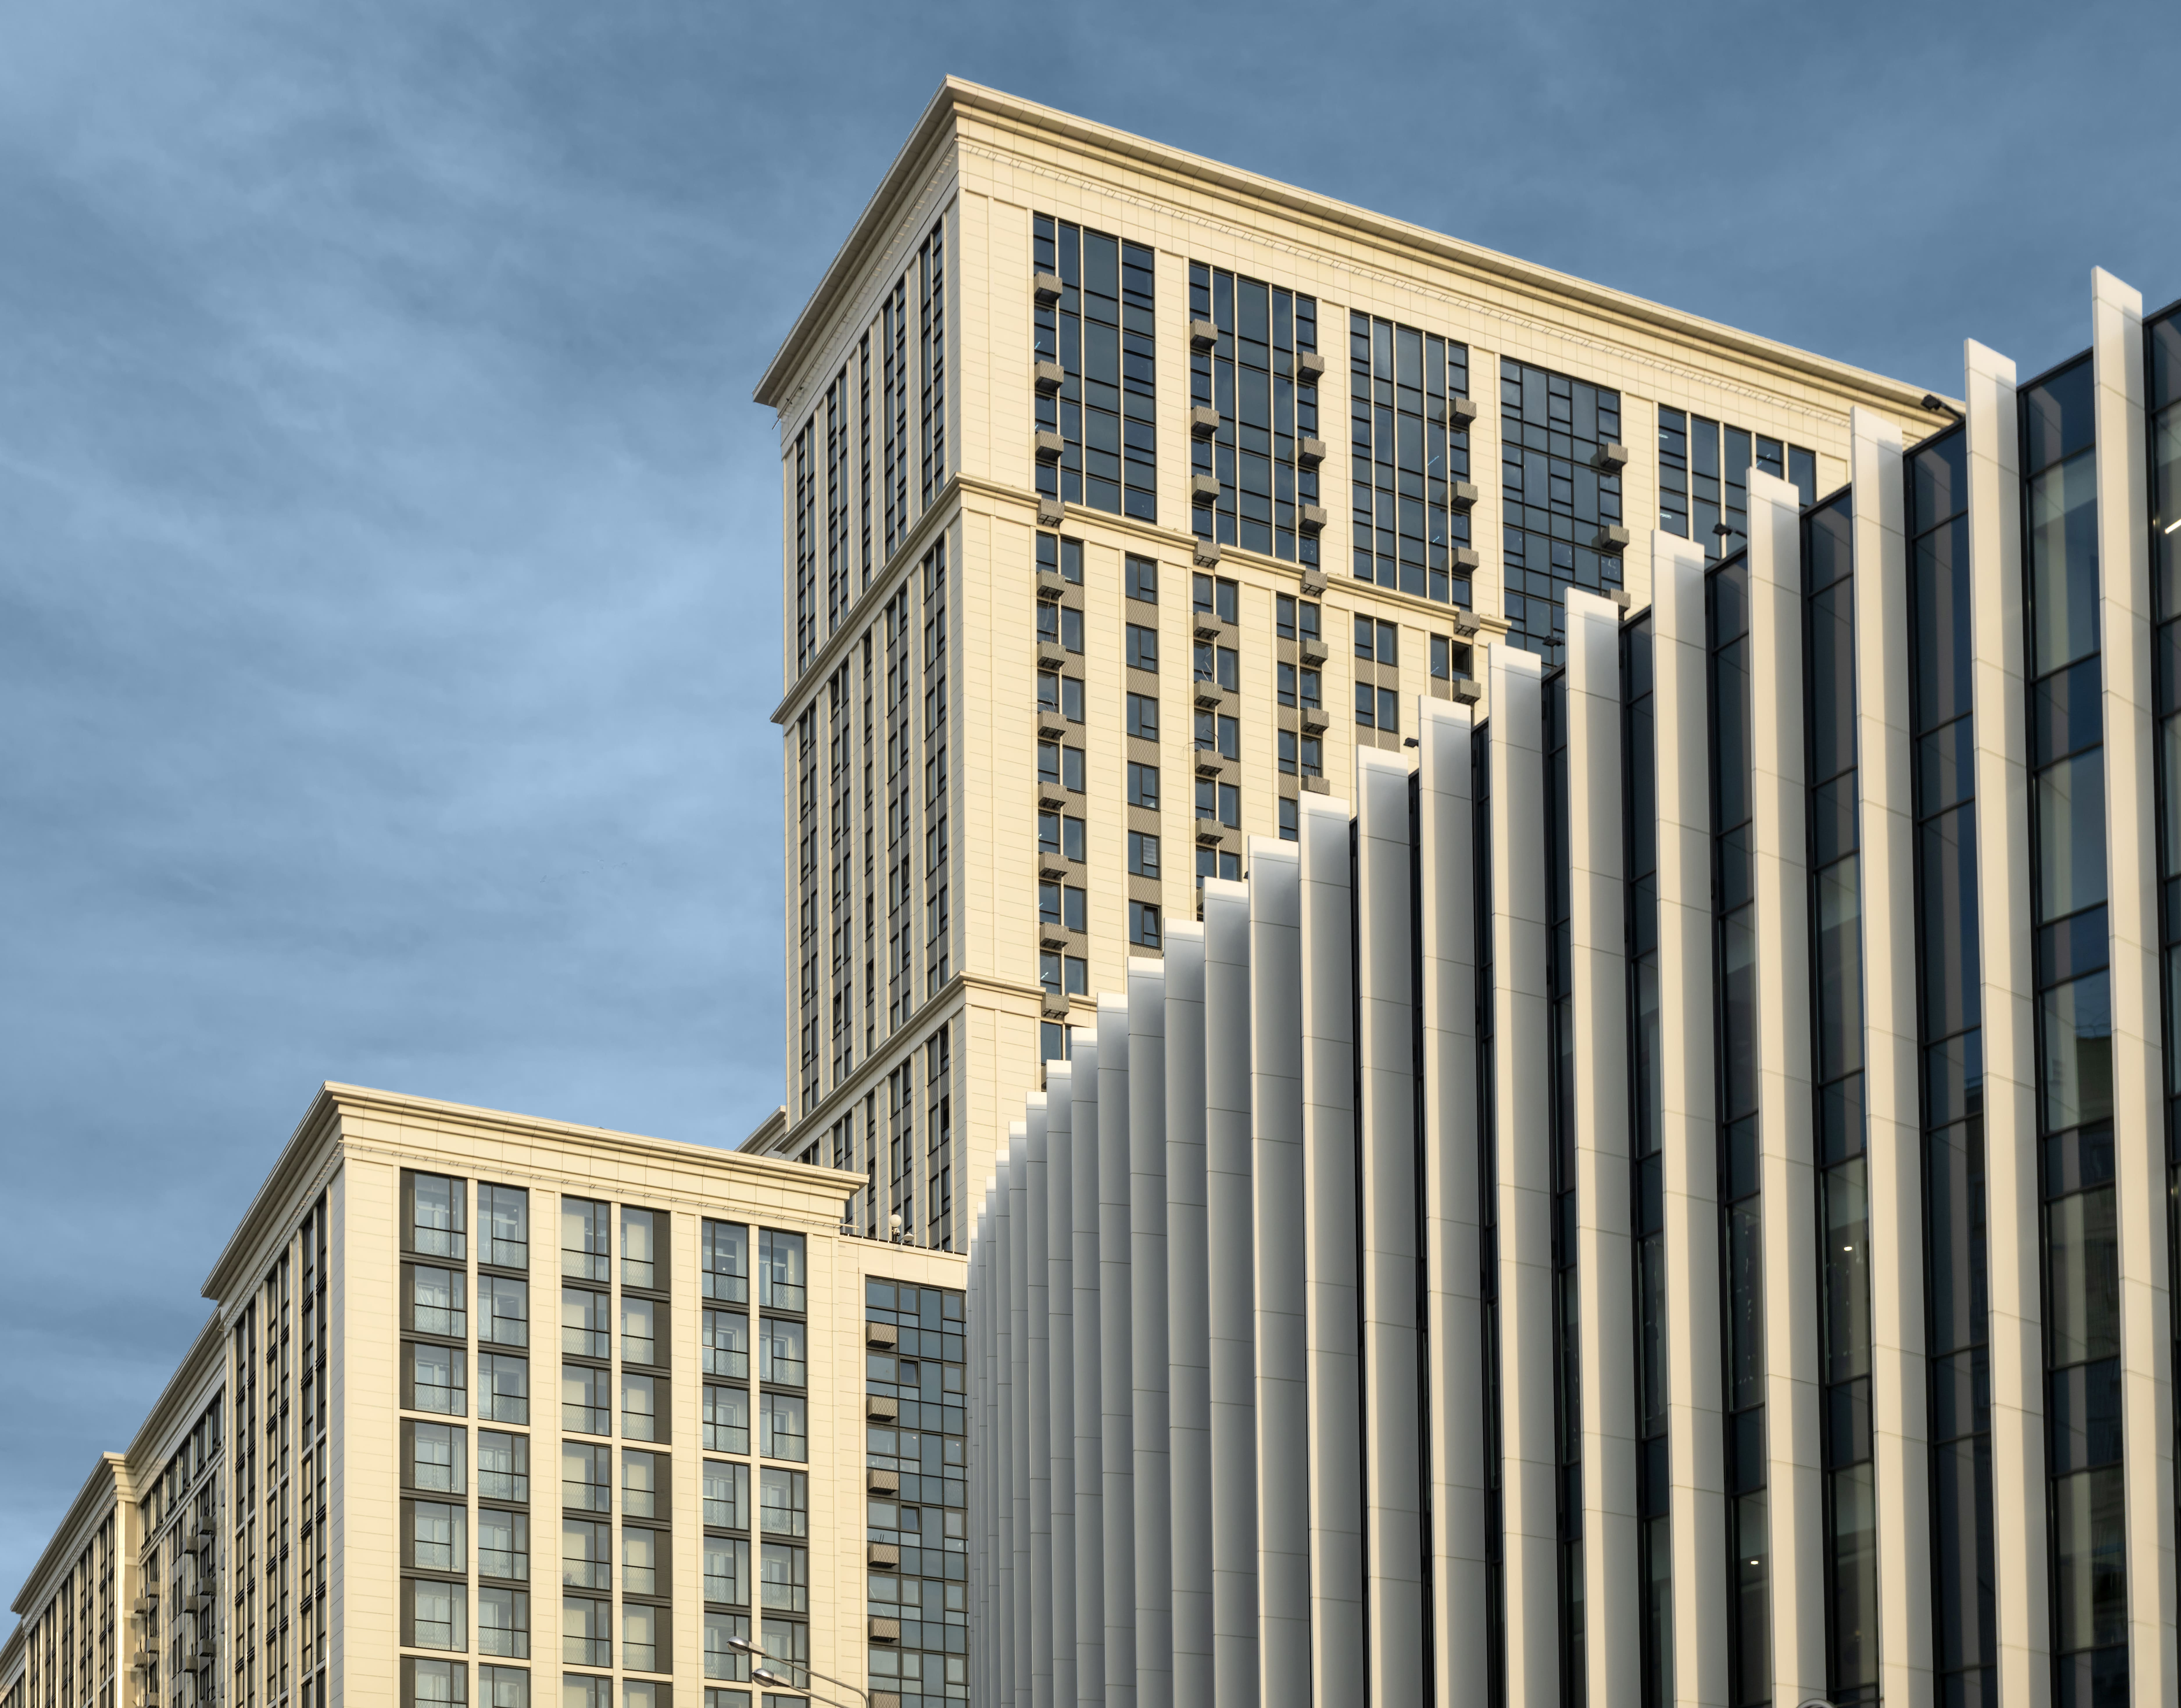 В 2019 году «Галс-Девелопмент» ввел в эксплуатацию более 500 тыс. кв. м